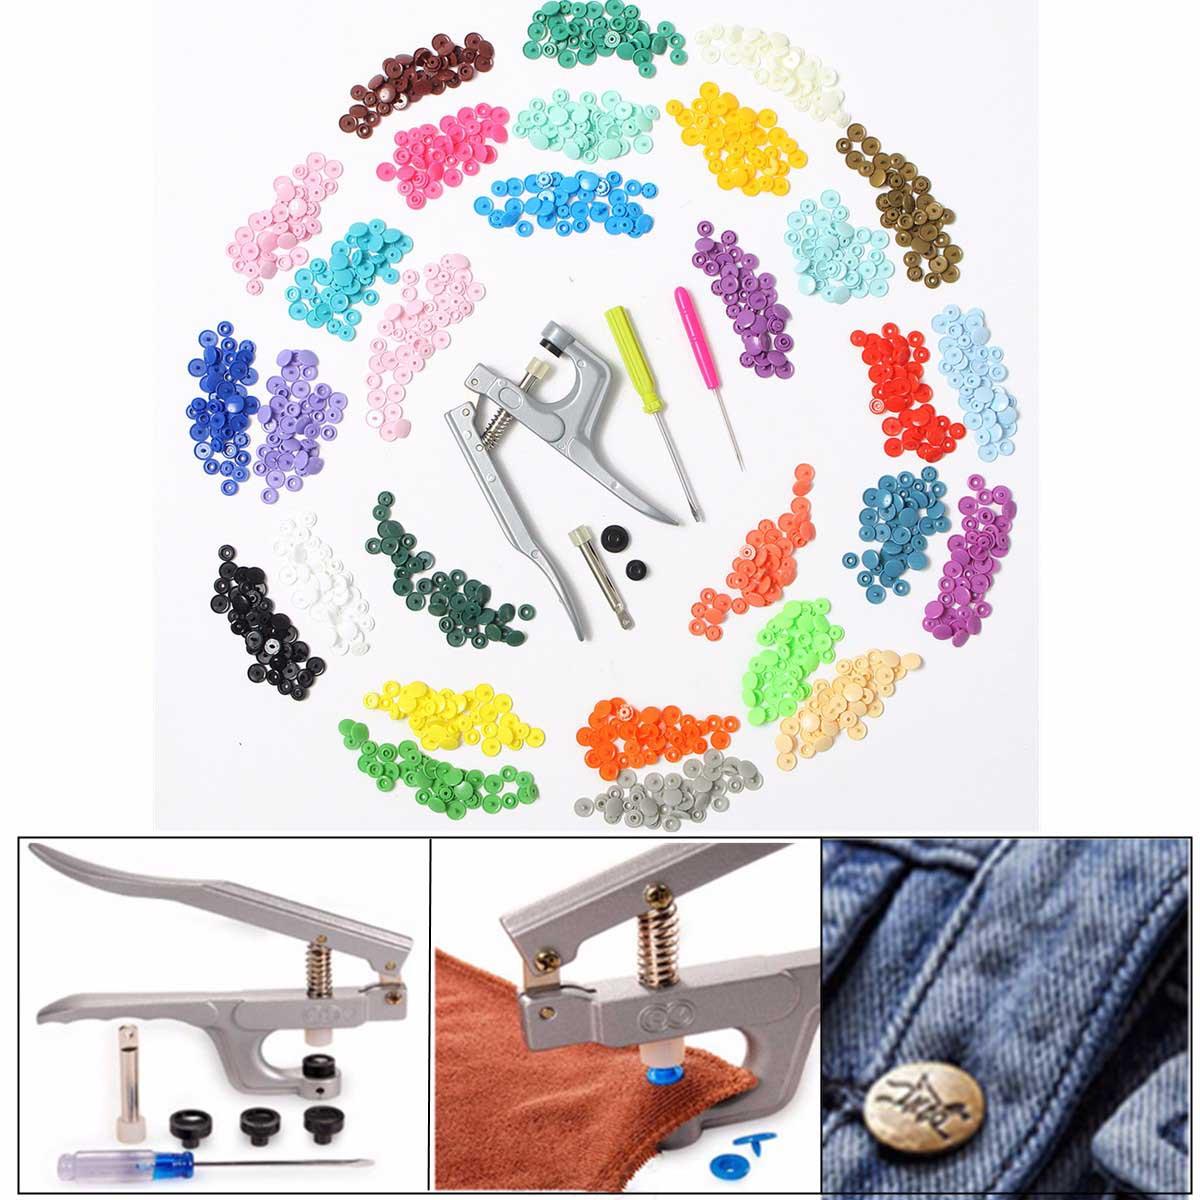 300 pezzi 10 Colori KAM Snaps T5 Snap Avviamento Plastica Poppers Fissaggio + 1 Pinza per il Cucito A Mano di Stoffa FAI DA TE suplies